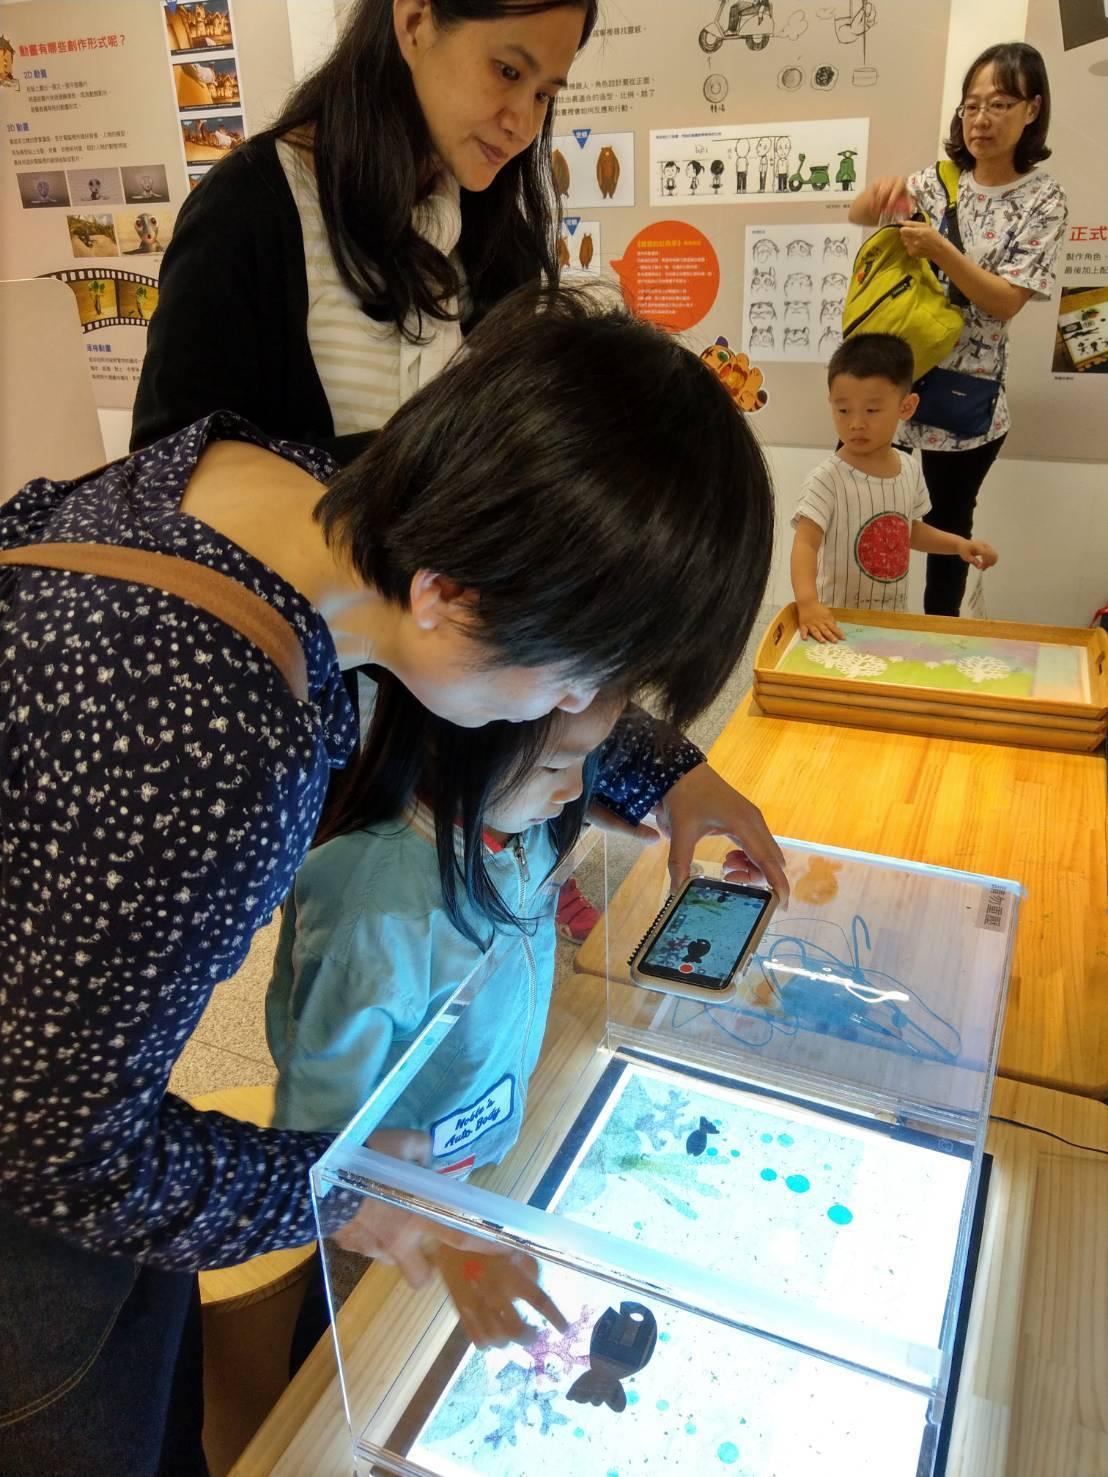 小朋友可在遊戲台光桌上,用手機拍下單格圖畫,再後製成動畫。記者張錦弘/攝影